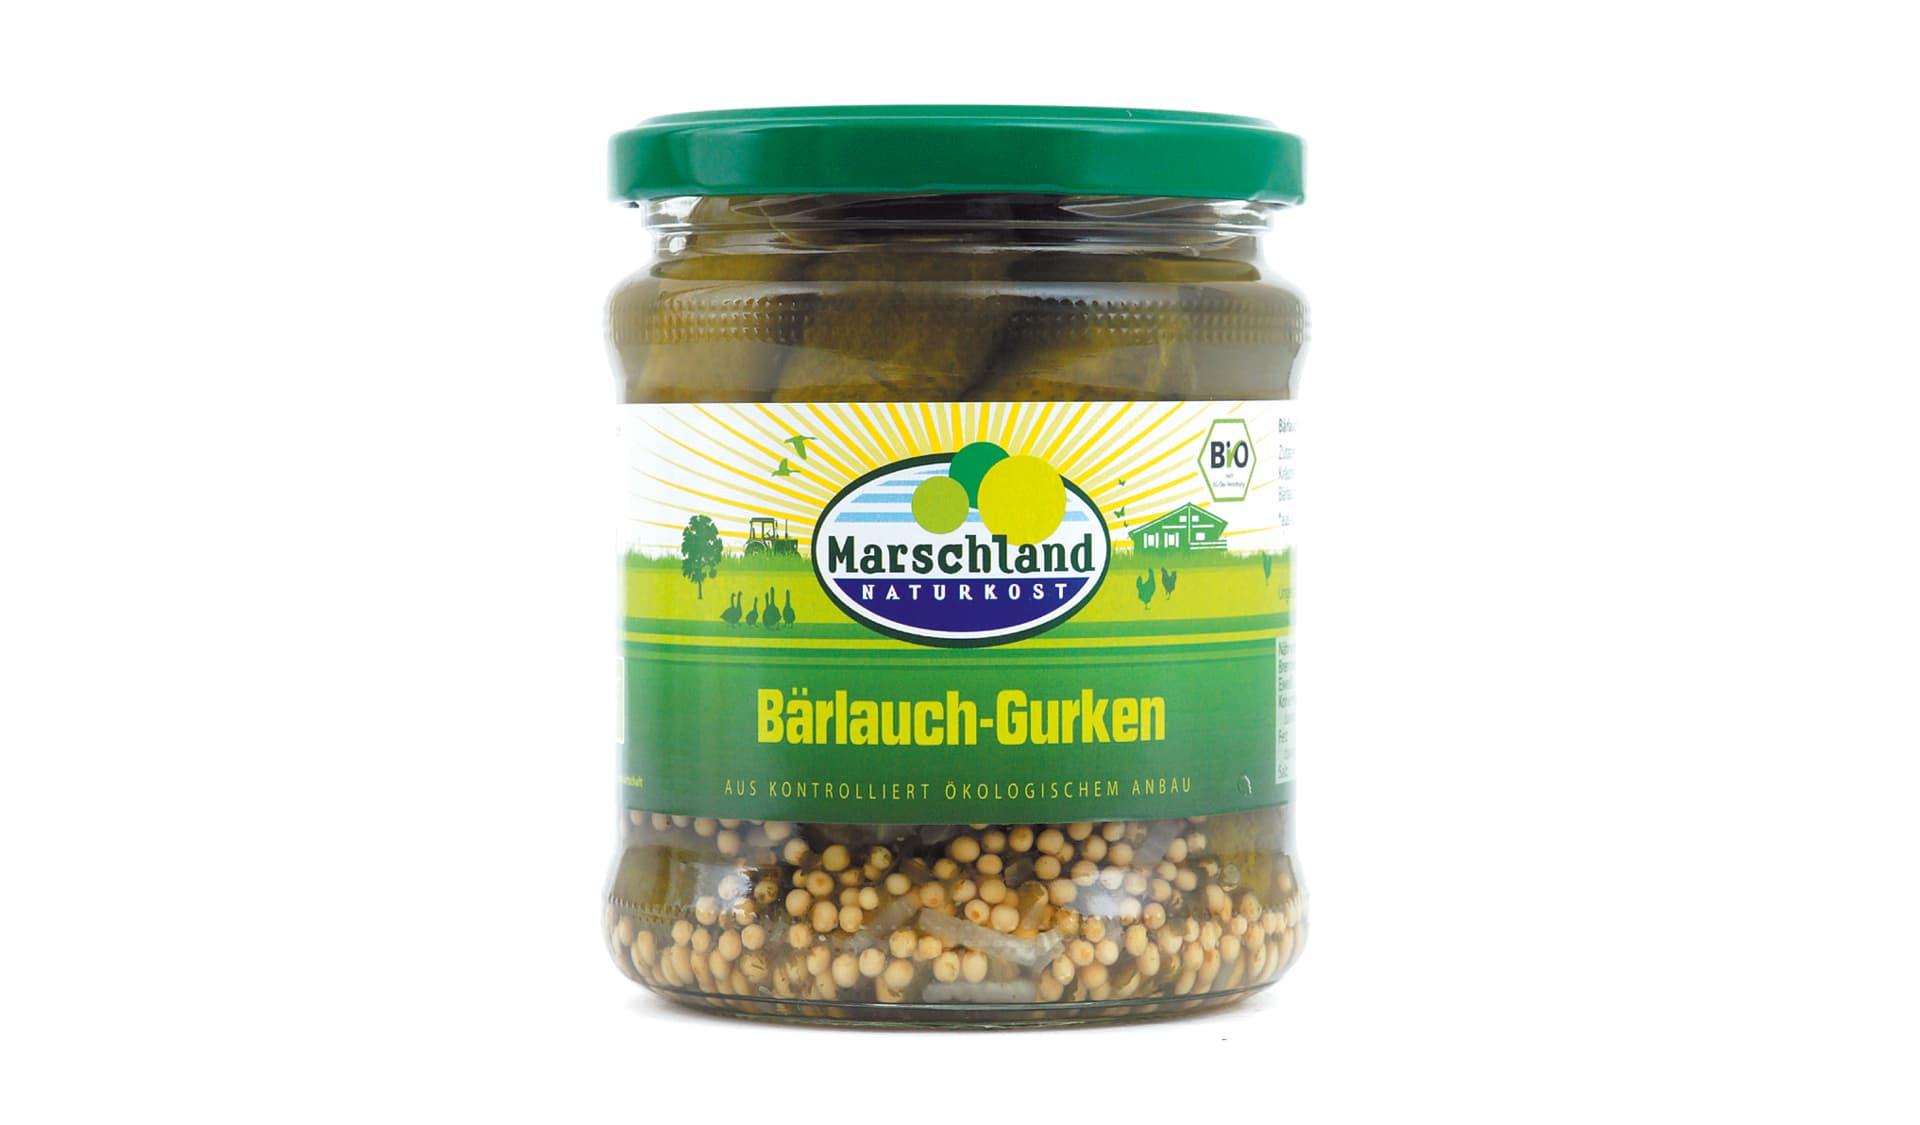 Marschland (www.alfredpaulsen.de/marschland) Bärlauch-Gurken